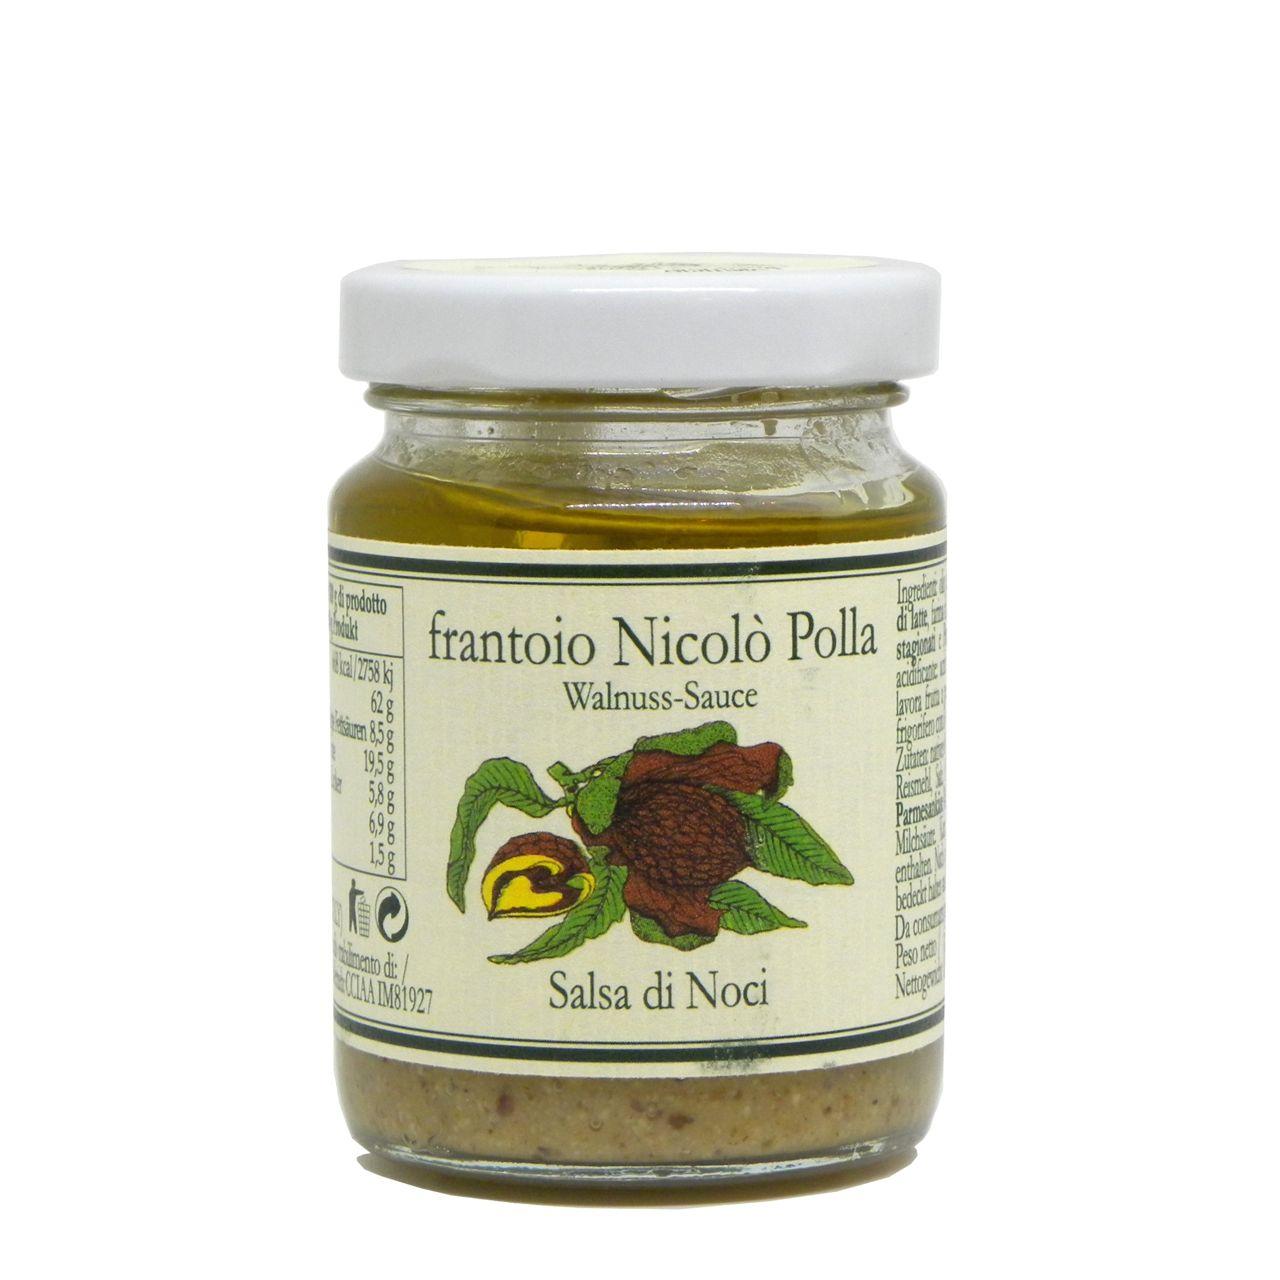 Salsa di noci in olio extravergine Frantoio Polla Nicolò – Frantoio Polla Nicolò Walnut Sauce in Extra Virgin Olive Oil – Gustorotondo – Italian food boutique